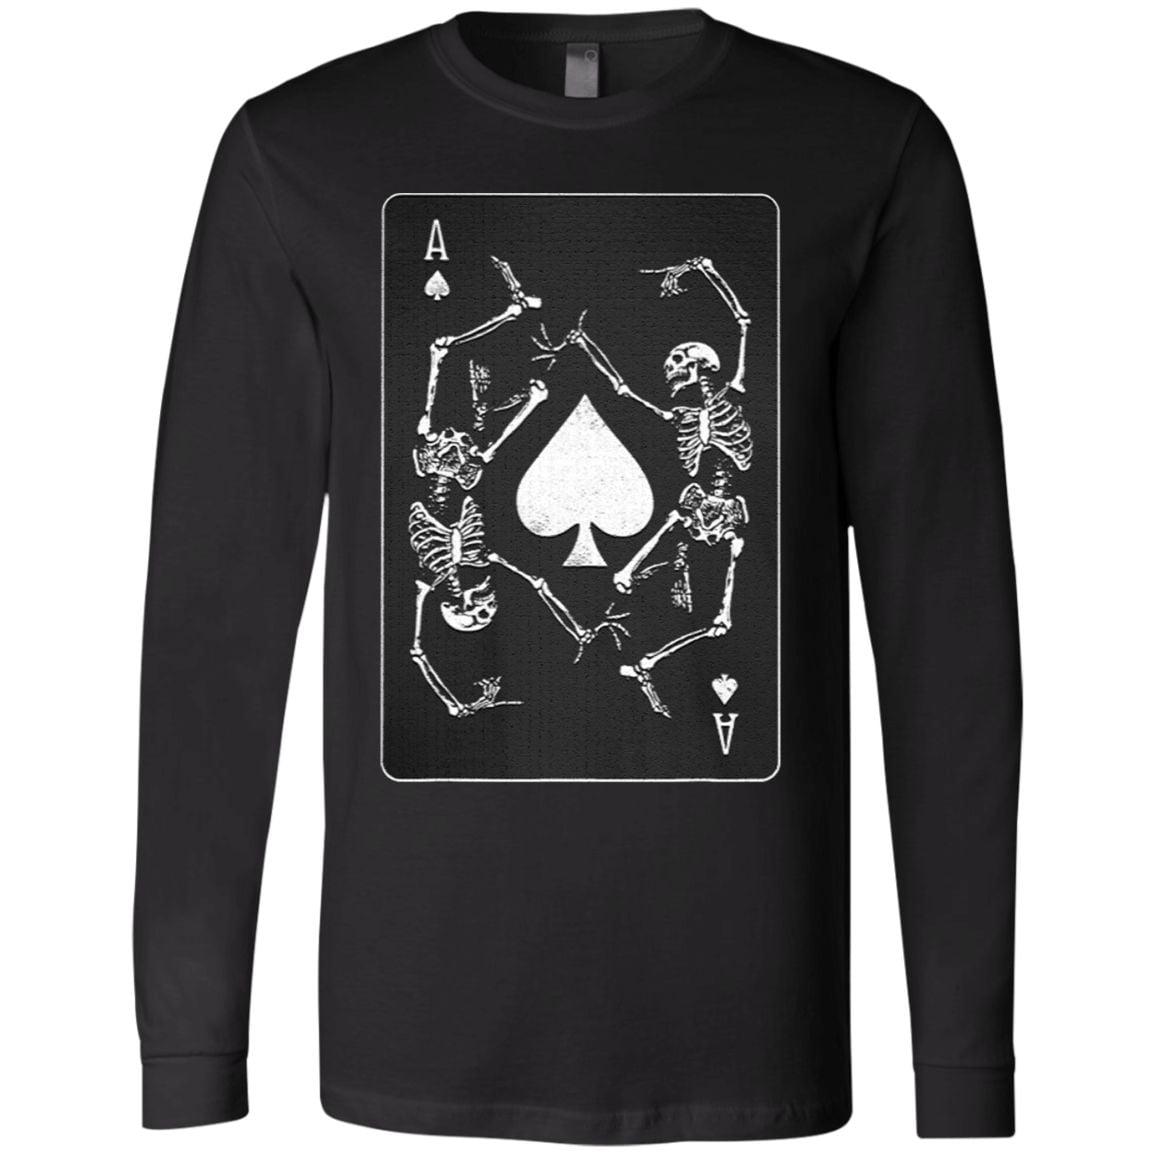 Goth Punk Ace Of Spades Card Shark Gambler T Shirt